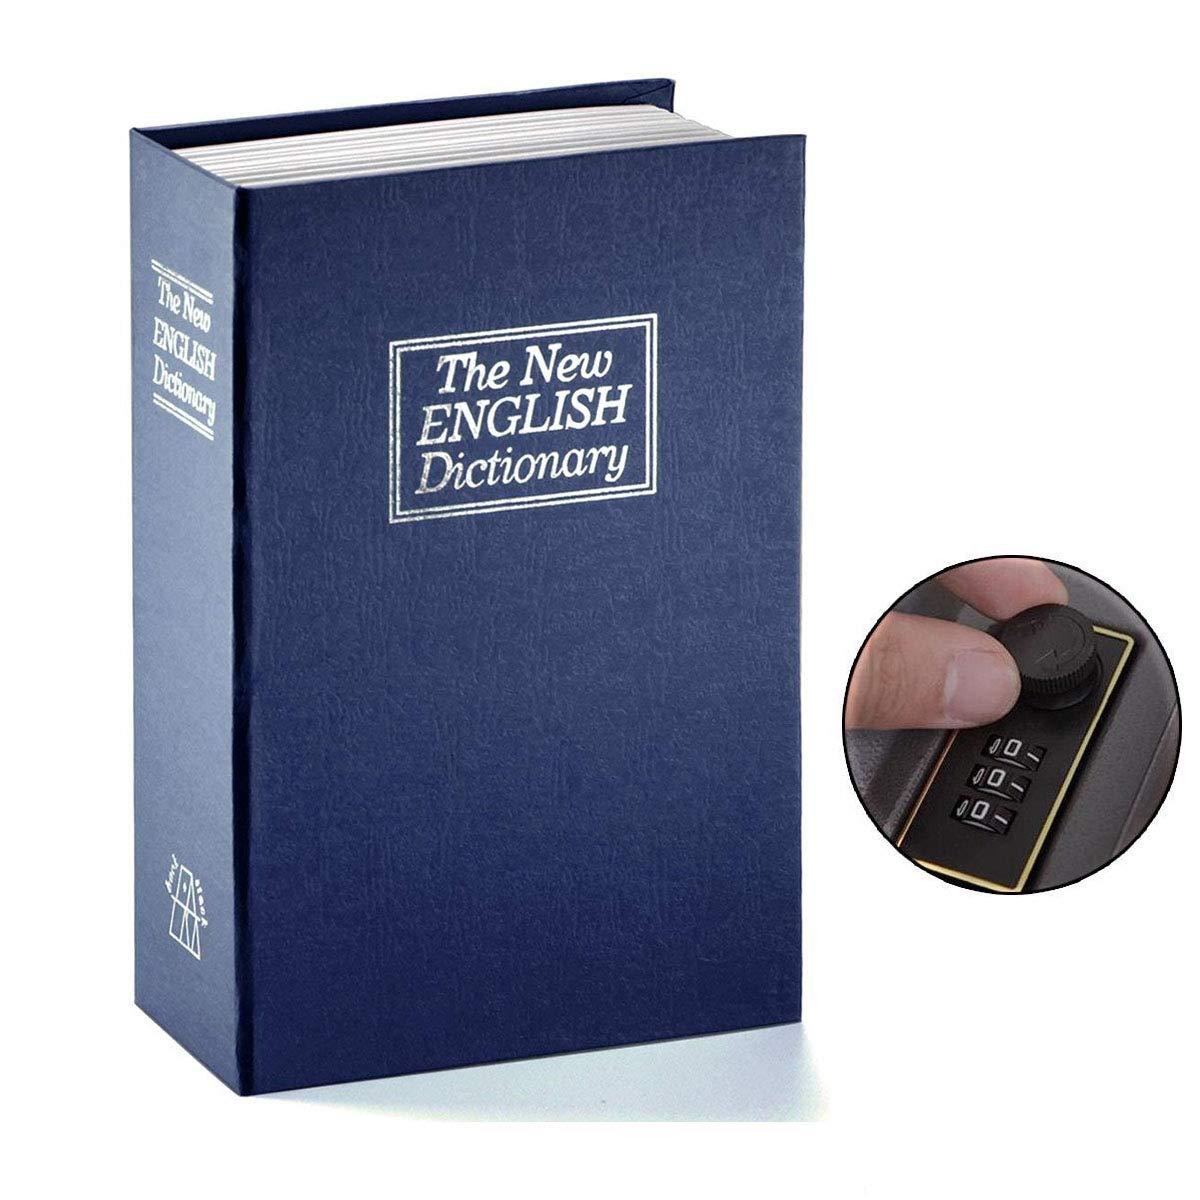 Langtor Caja Fuerte para Libros con Cerradura de Combinación, Caja Fuerte Portátil, Ideal para Guardar Dinero, Acero(Grande, Azul): Amazon.es: Bricolaje y herramientas